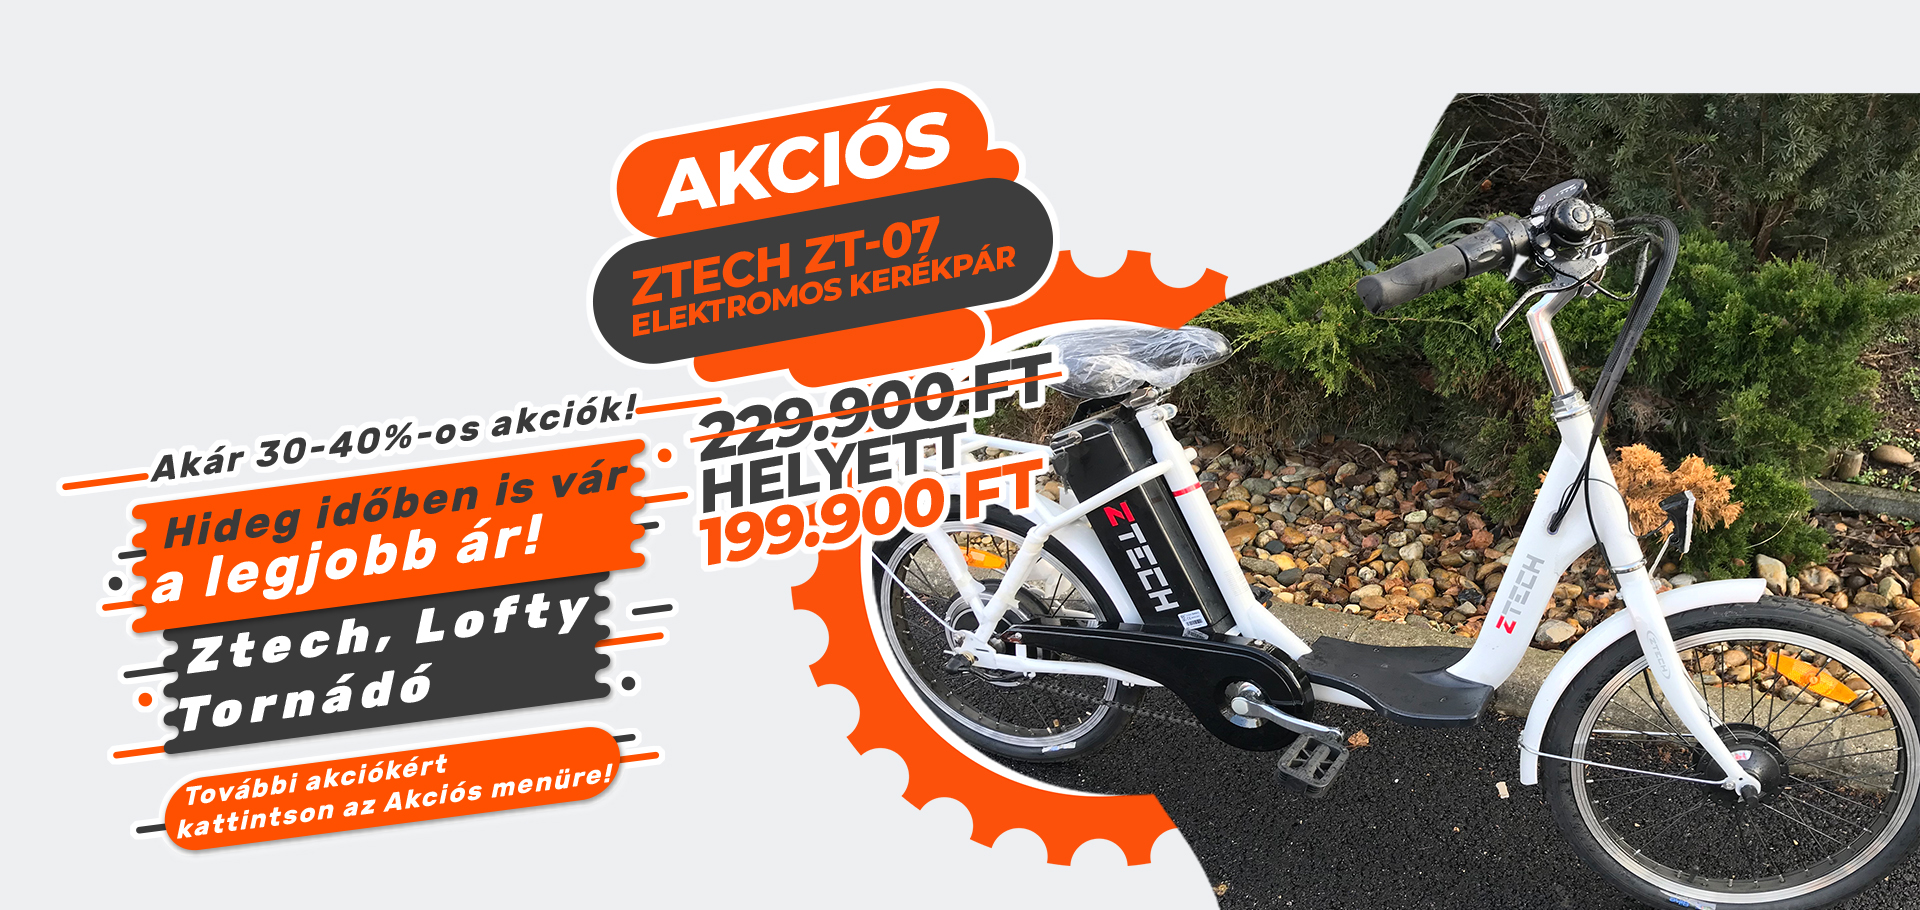 ZT-07 AKCIÓ